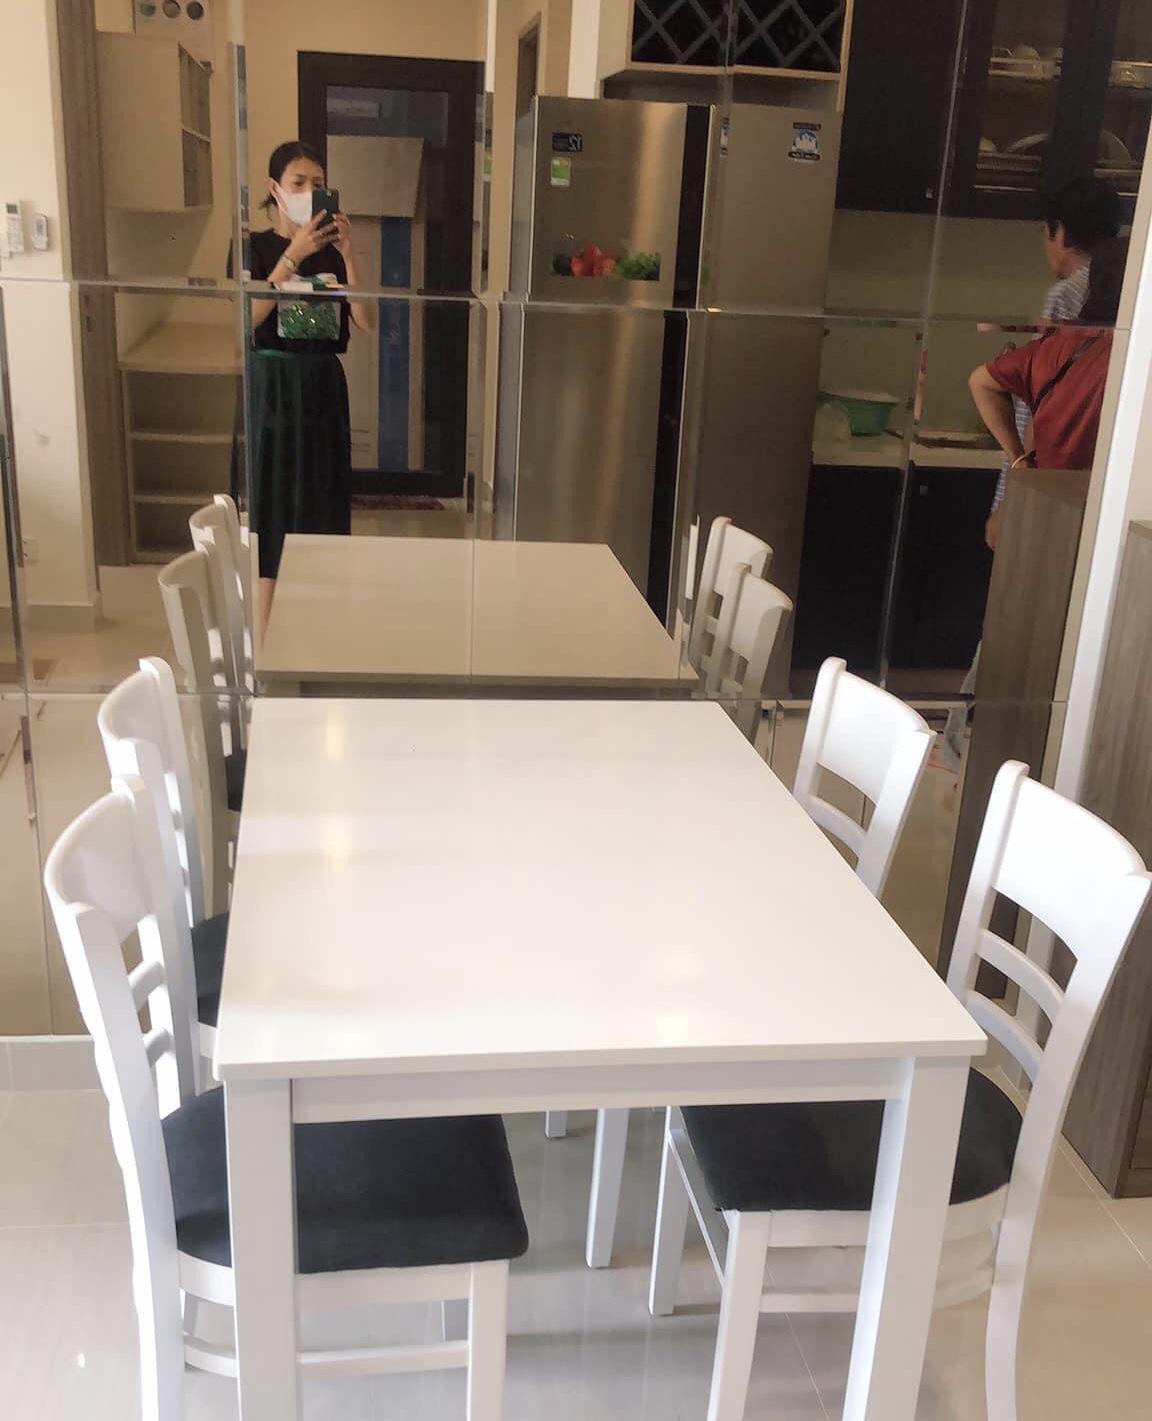 Căn hộ 2 phòng ngủ nội thất mới tầng 7 toà S1.06 giá 7,5tr/tháng